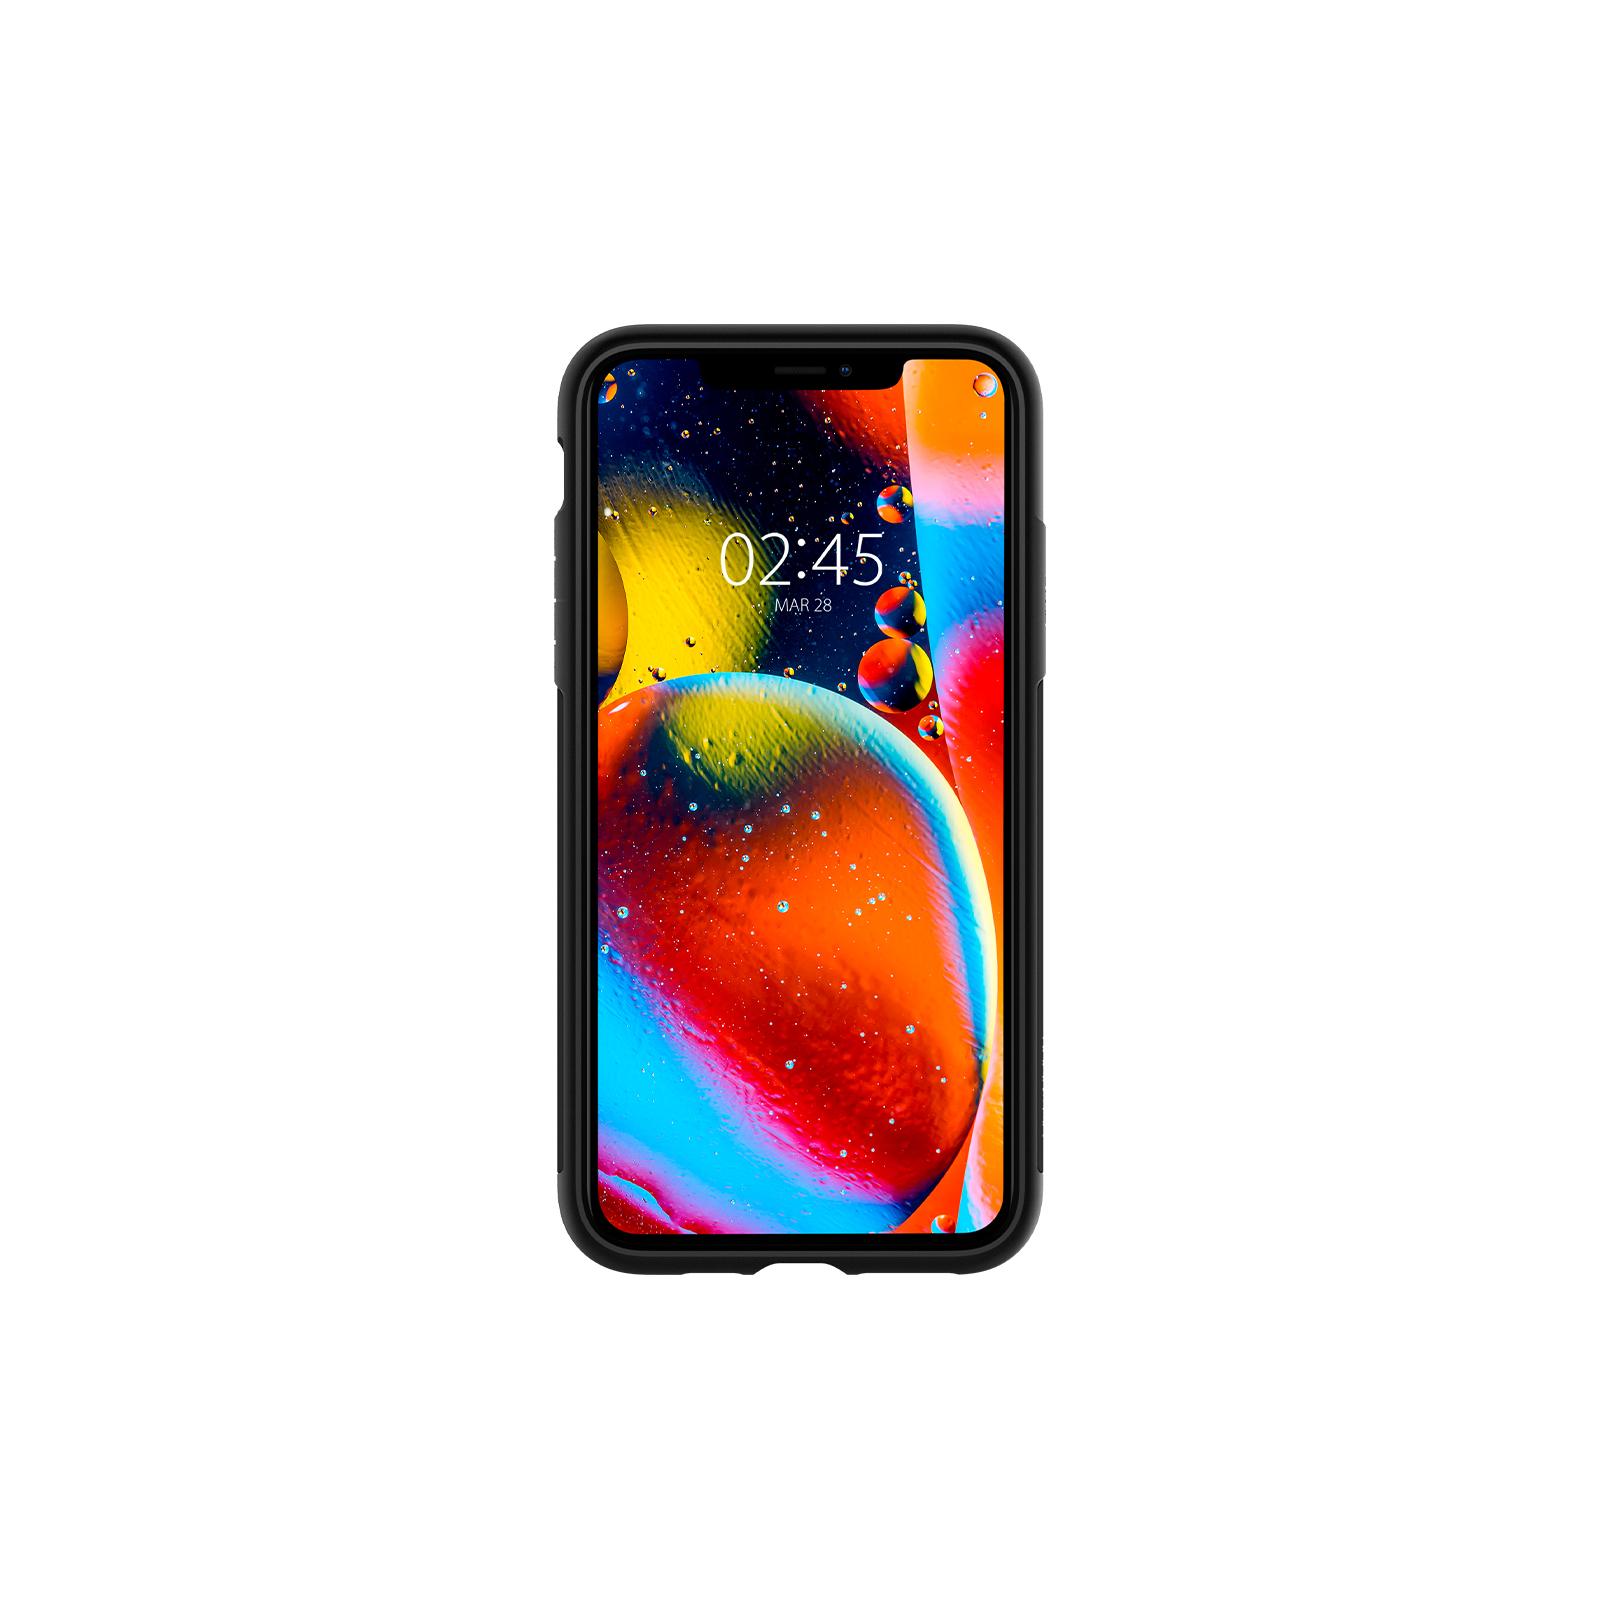 Чехол для моб. телефона Spigen iPhone 11 Pro Slim Armor, Black (077CS27099) изображение 4